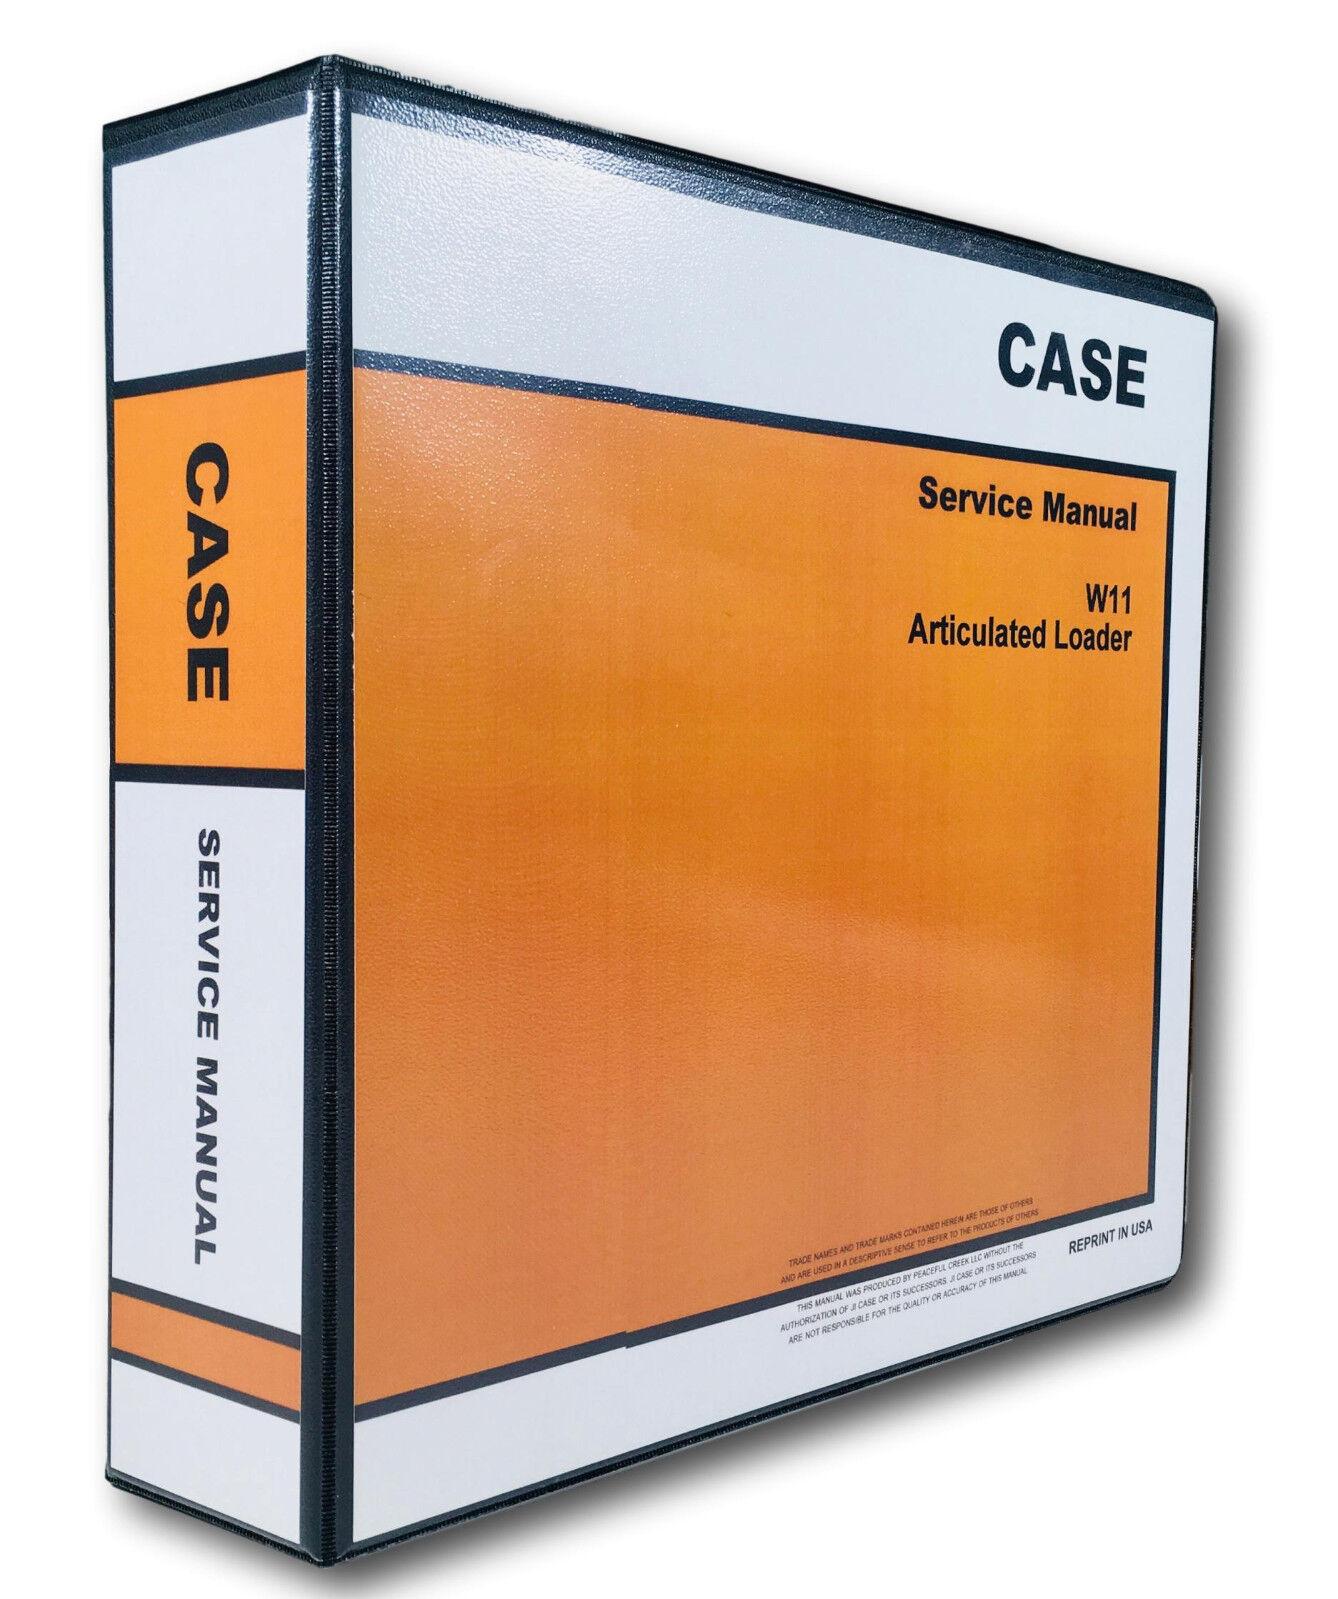 Case W14 Wiring Diagram | online wiring diagram Case W H Wiring Diagram on